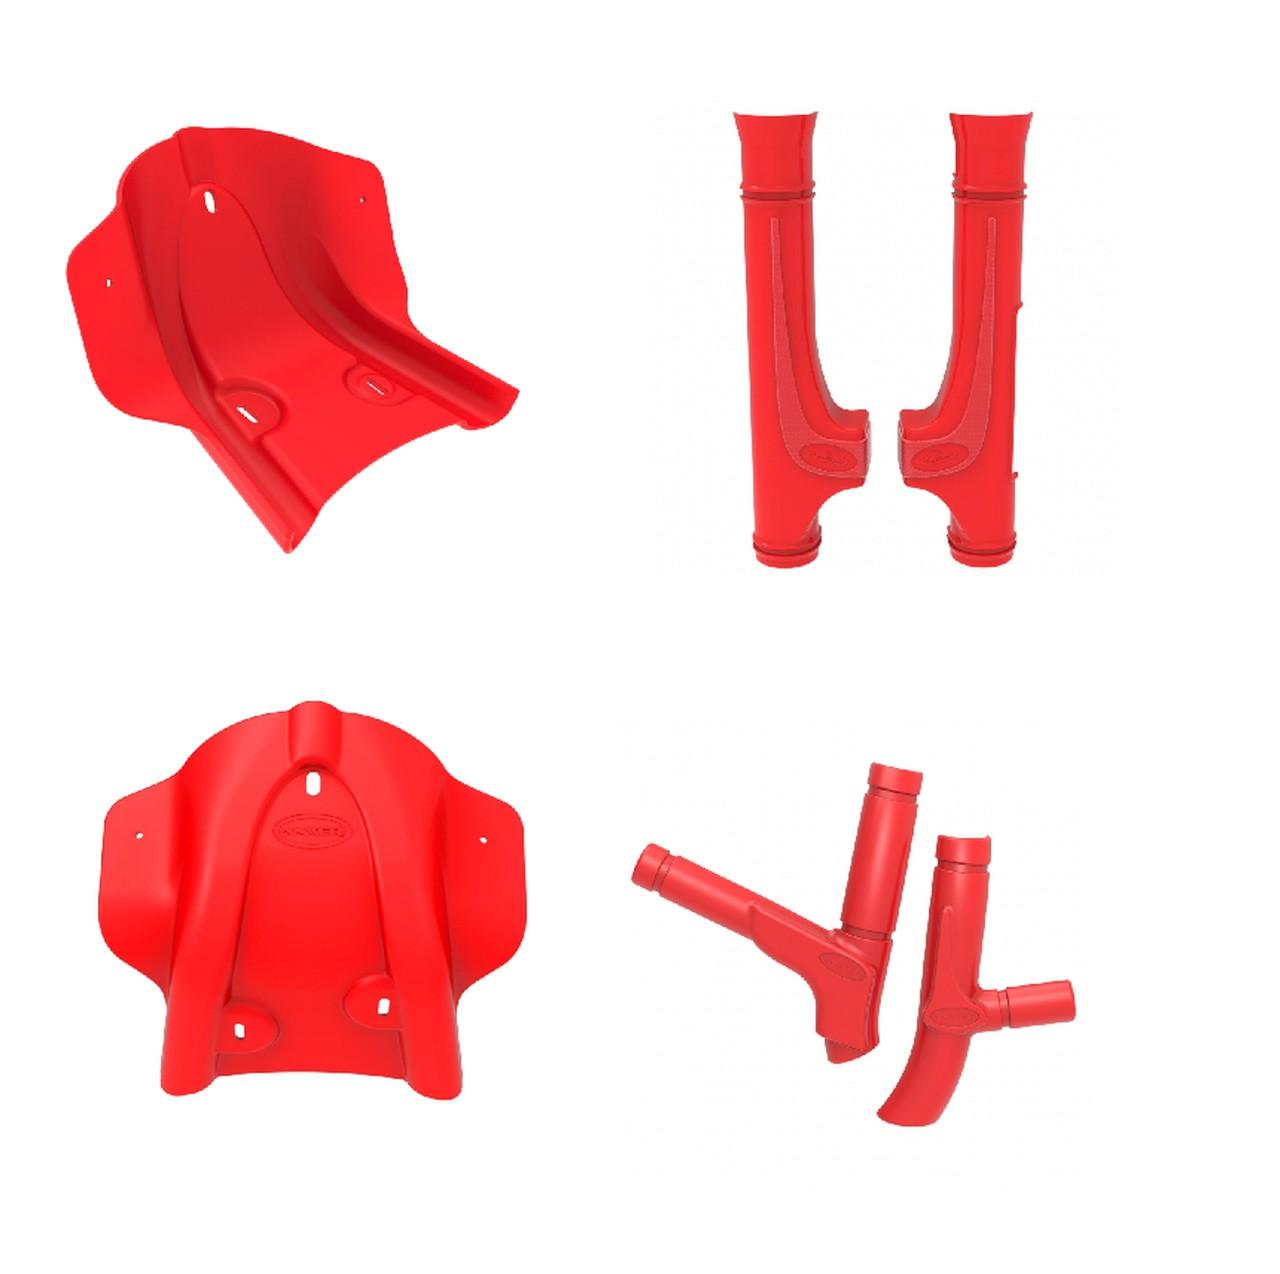 Kit Protetores Anker CRF230 Vermelho